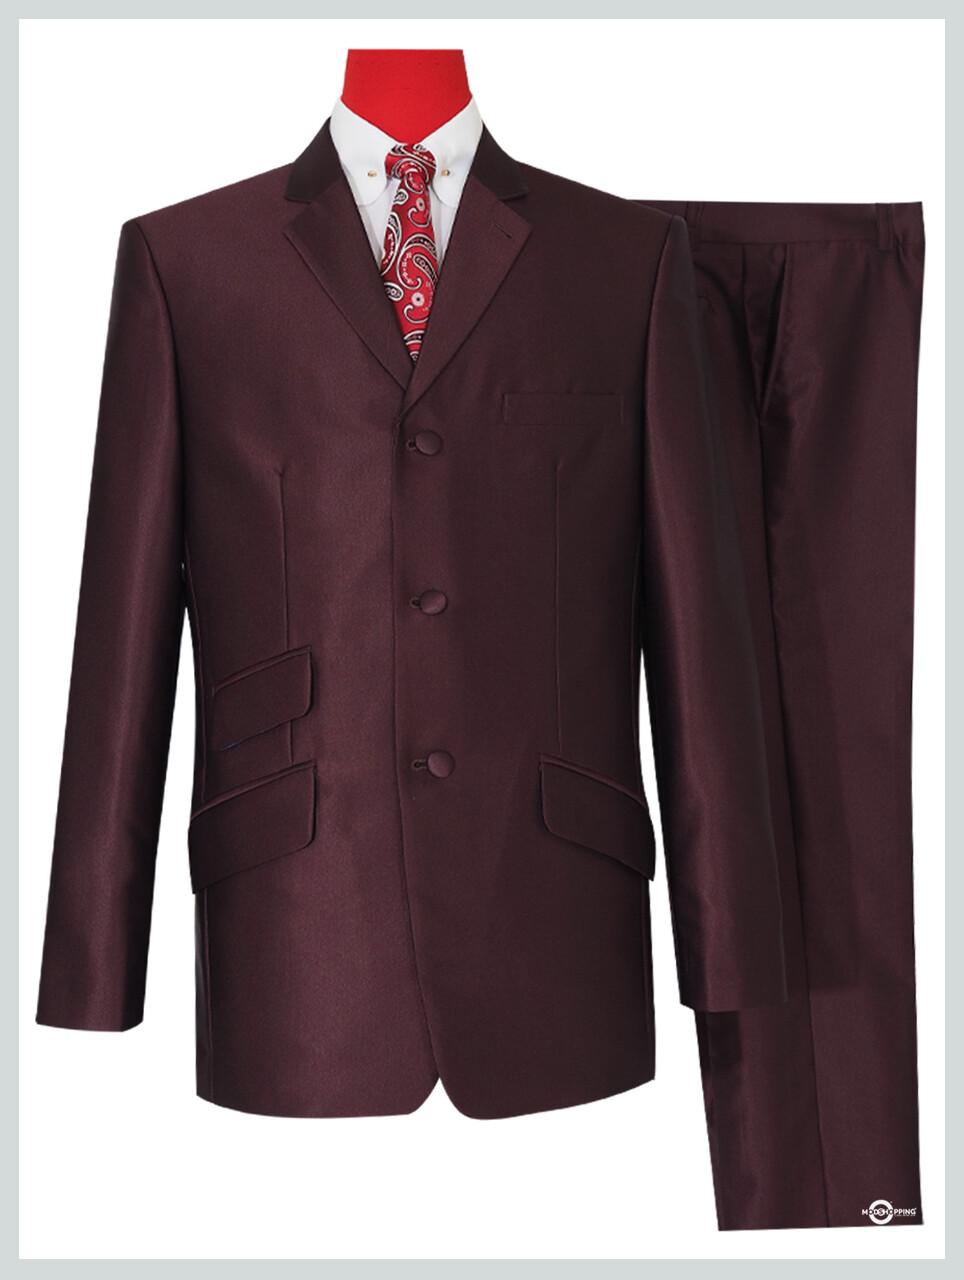 tonic suit 60s| burgundy suit,mod fashion slim fit tailored mod suit